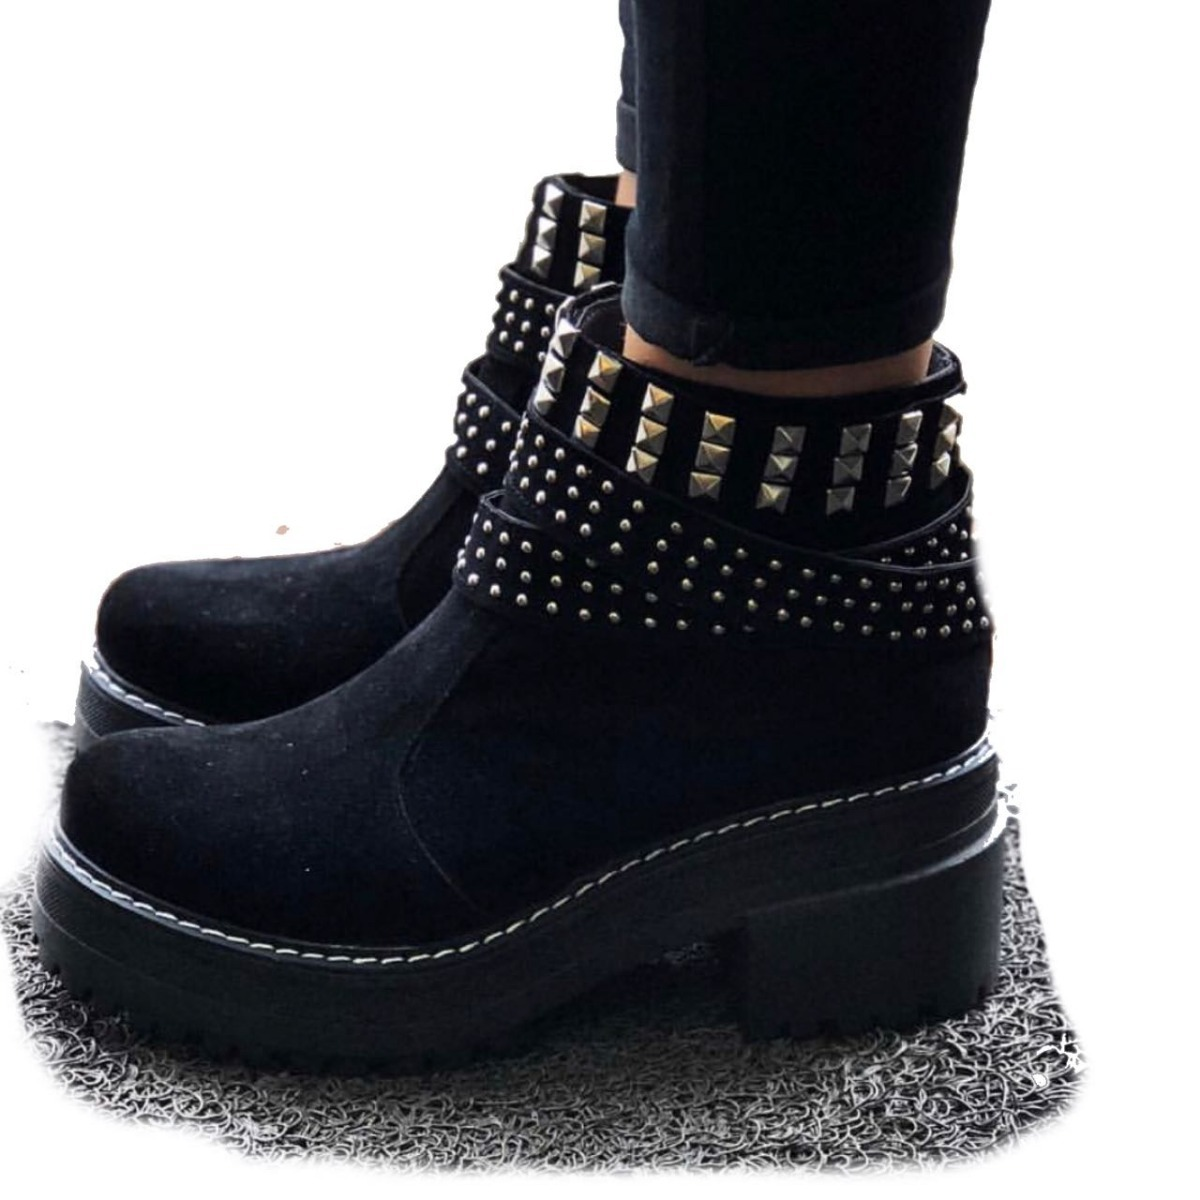 e338f4e577b Moscú Black - Bota Plataforma Mujer Araquina Zapatos -   1.499